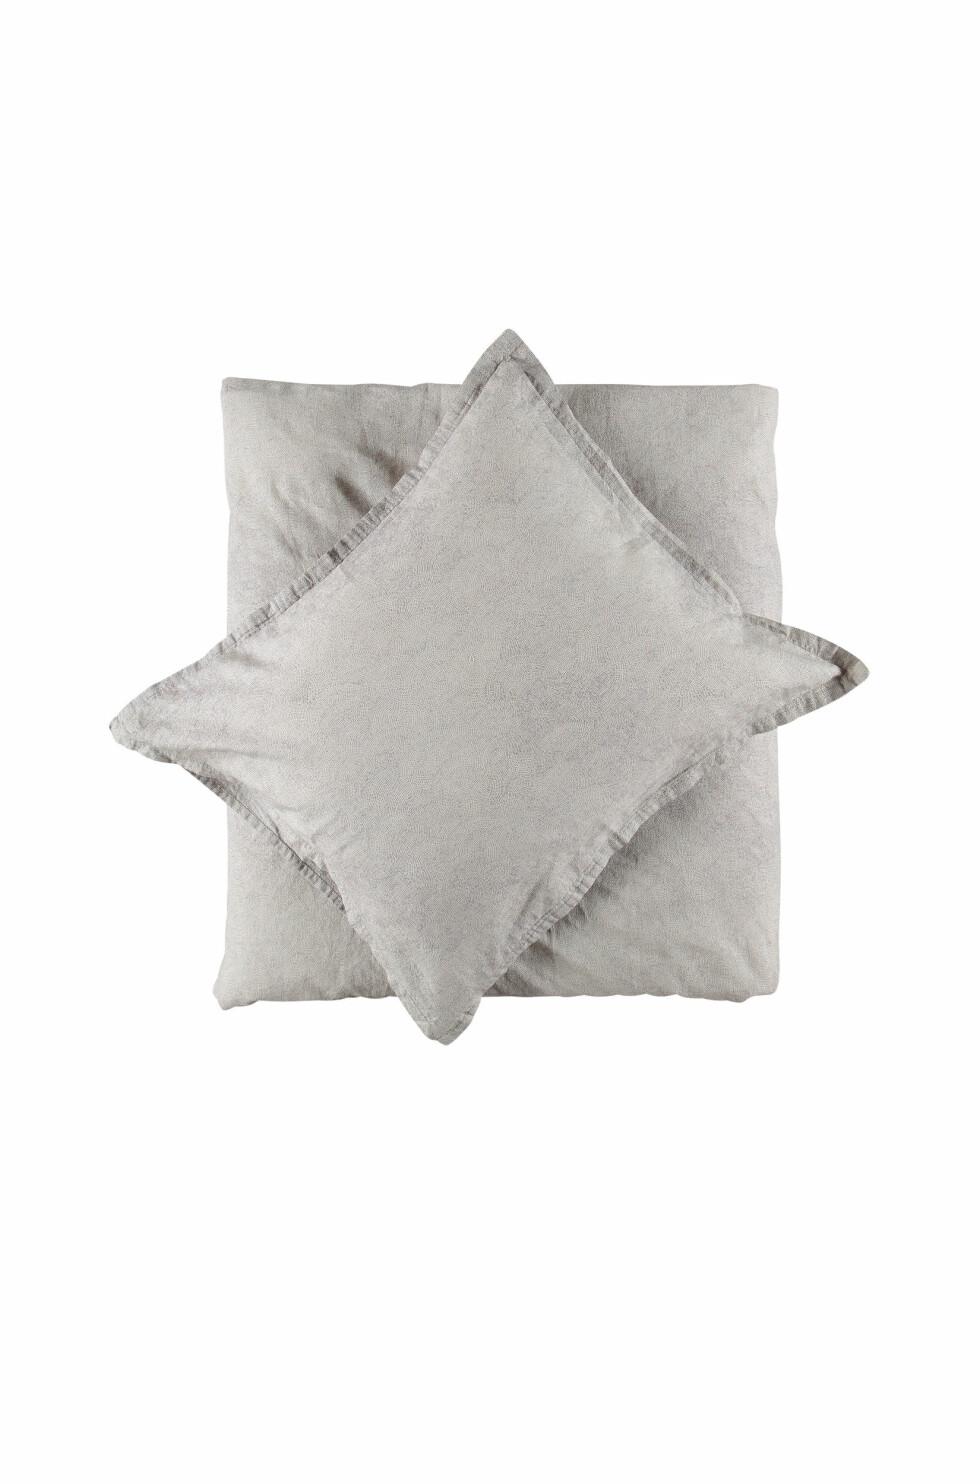 Sengesett i lin og bomull blir bare finere og finere jo mer det vaskes (kr 700, Gripsholm).